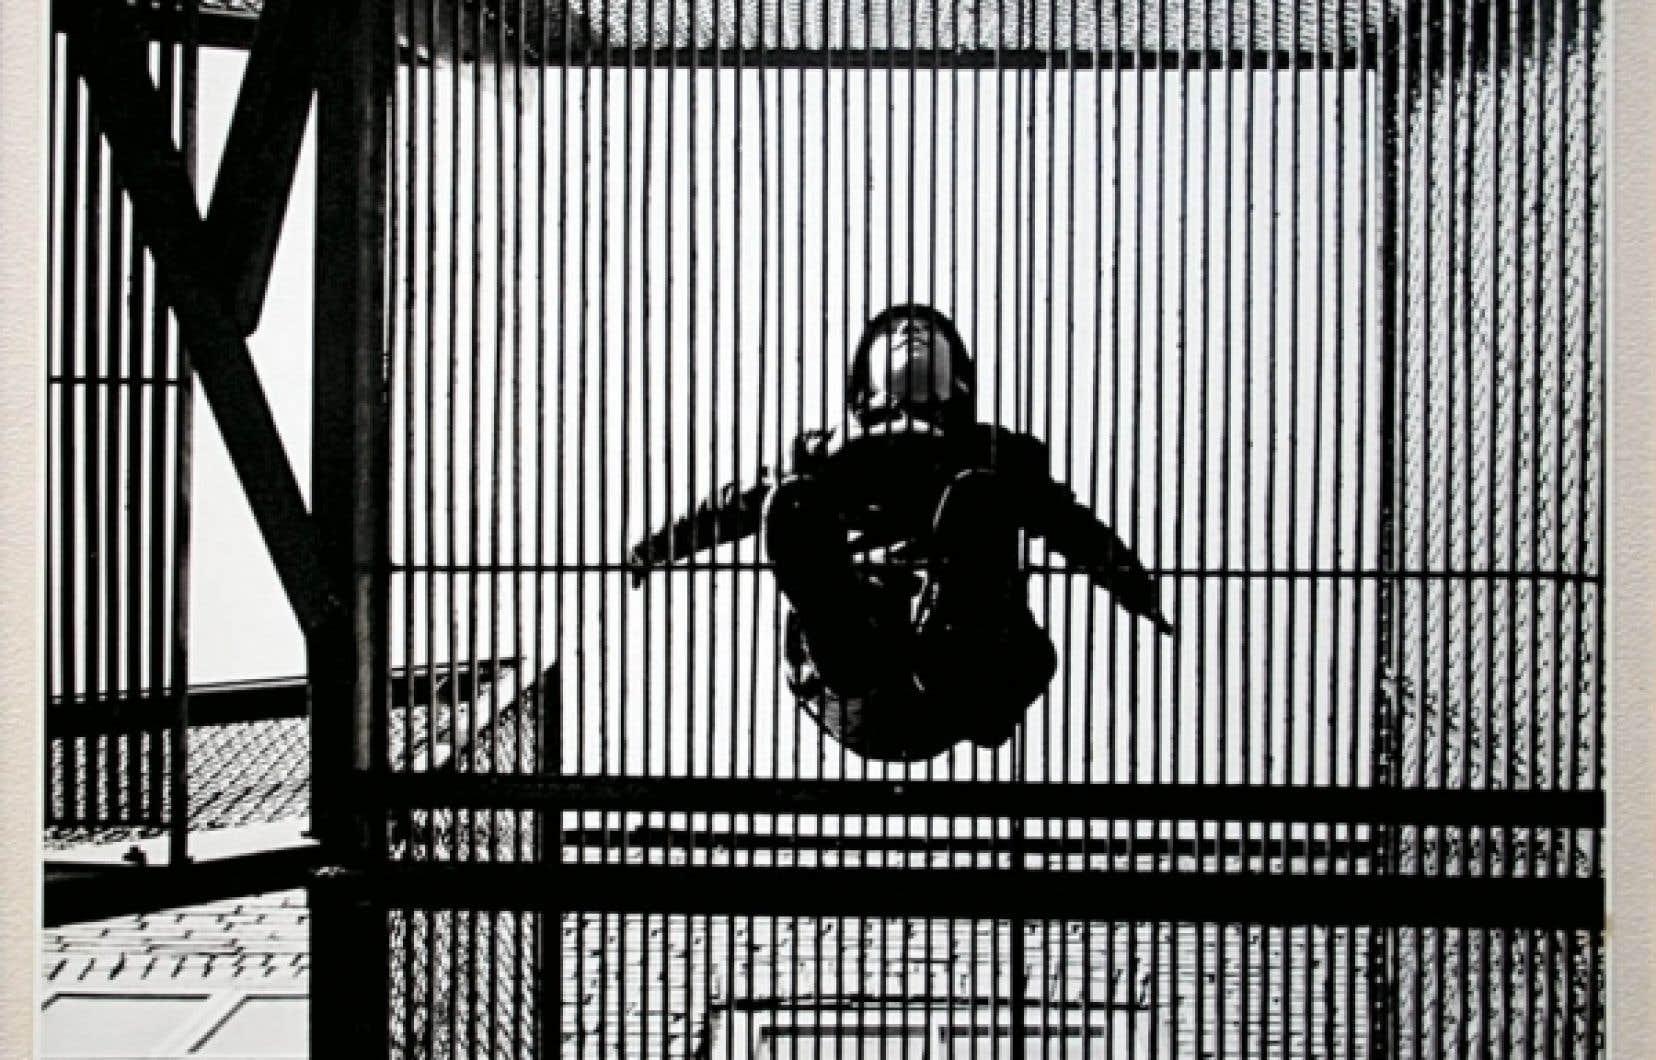 Connu du public comme peintre et graveur, Albert Dumouchel (1916-1971) fut aussi un photographe qui, avec d'autres, transforma le regard en photographie au cours des années 1950 (photo: L'oiseau en cage, 1953).<br />